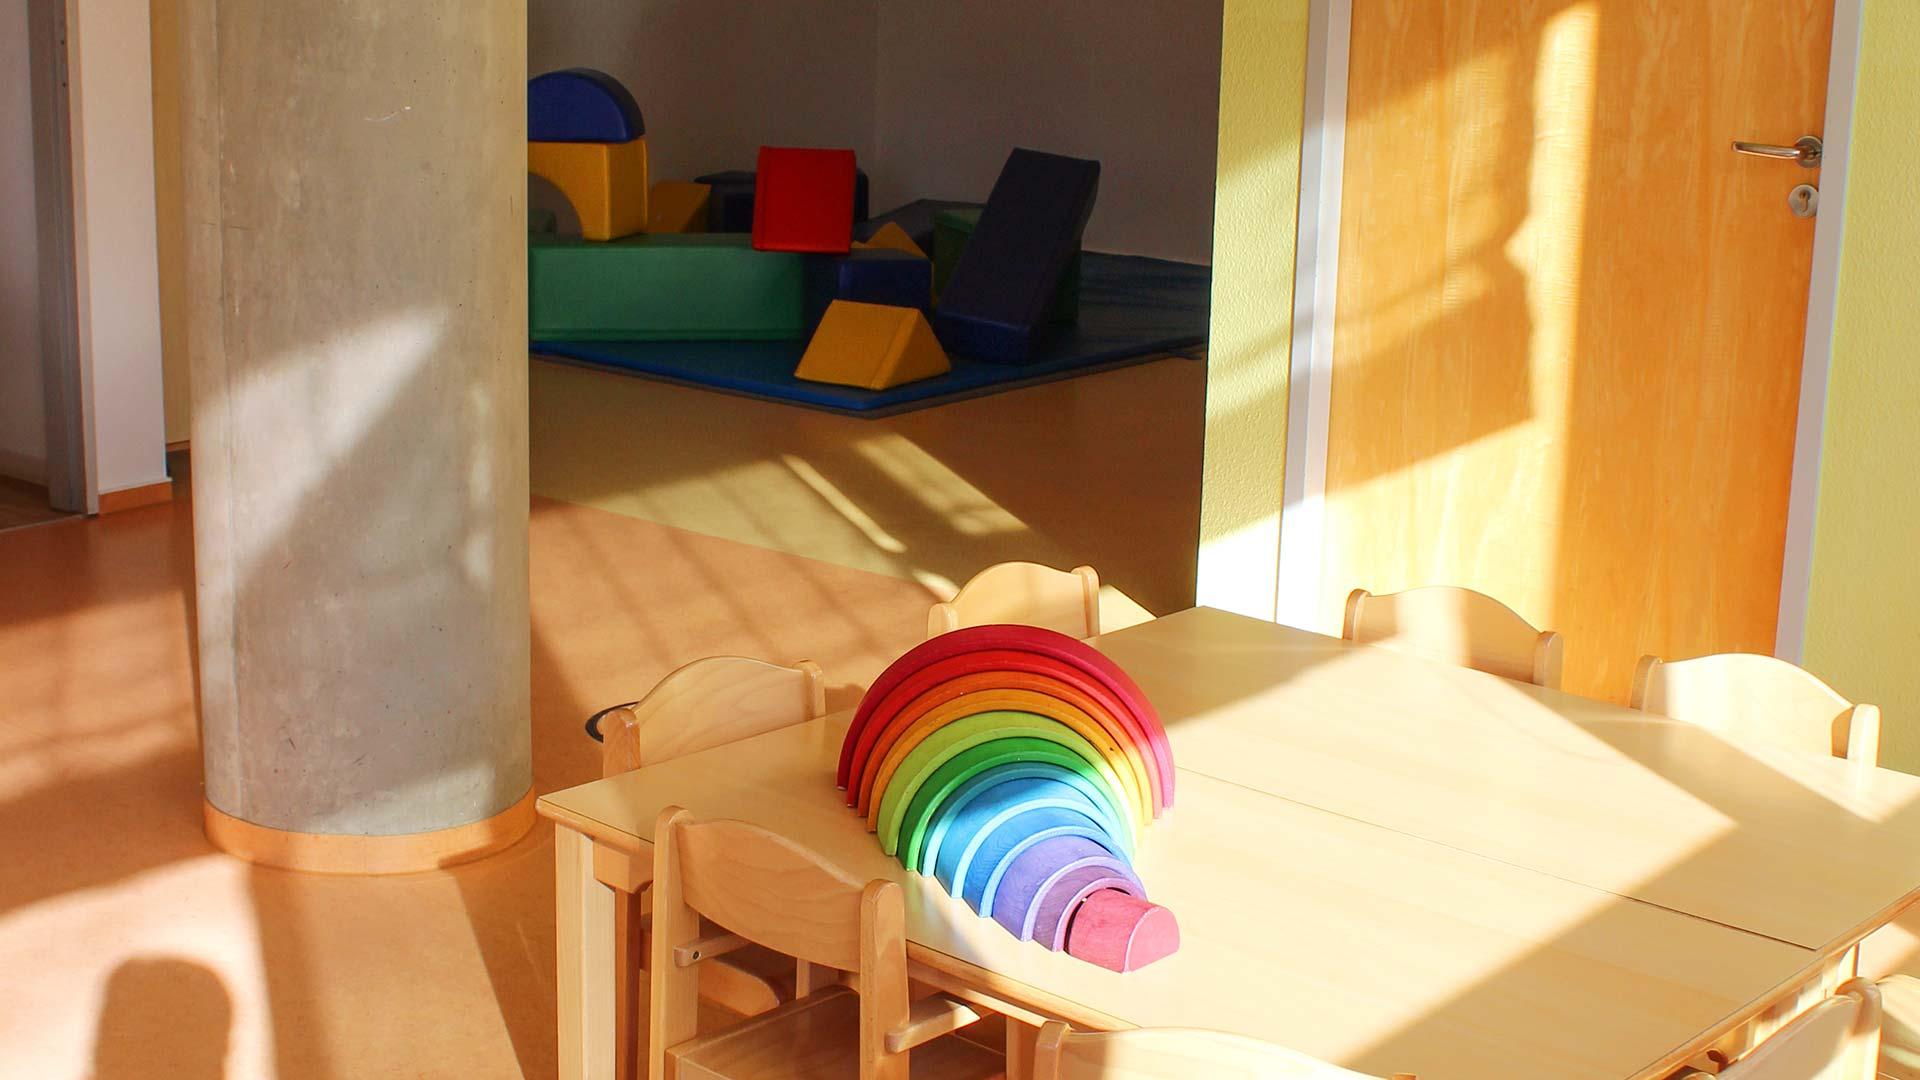 Raum mit einem Tisch auf dem Spielzeug liegt im Hintergrund Blick durch eine geöffnete Tür in den Turnbereich des Kindergartens